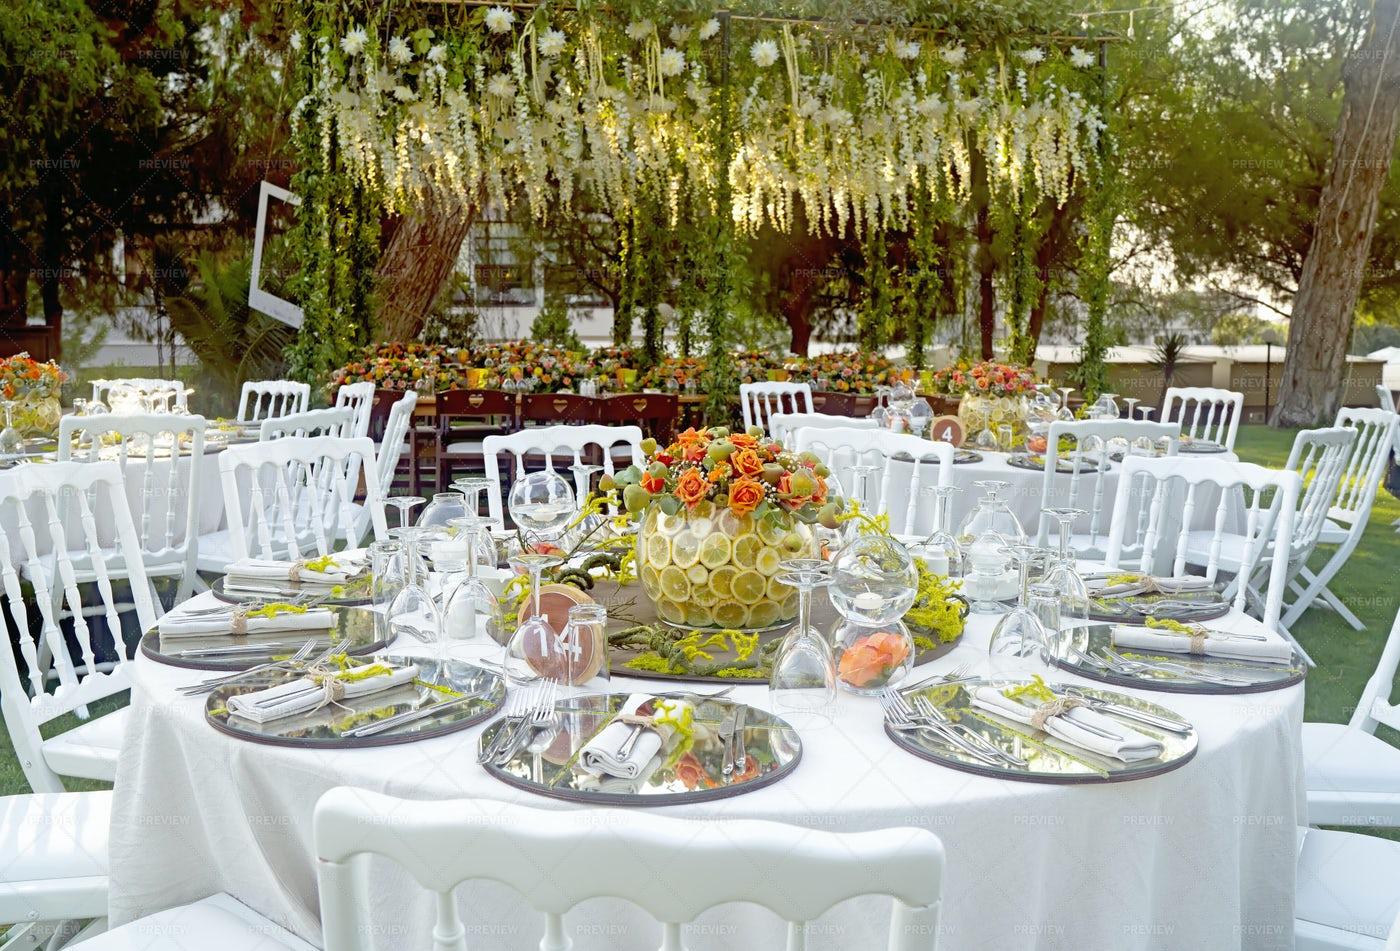 Wedding Reception Table: Stock Photos